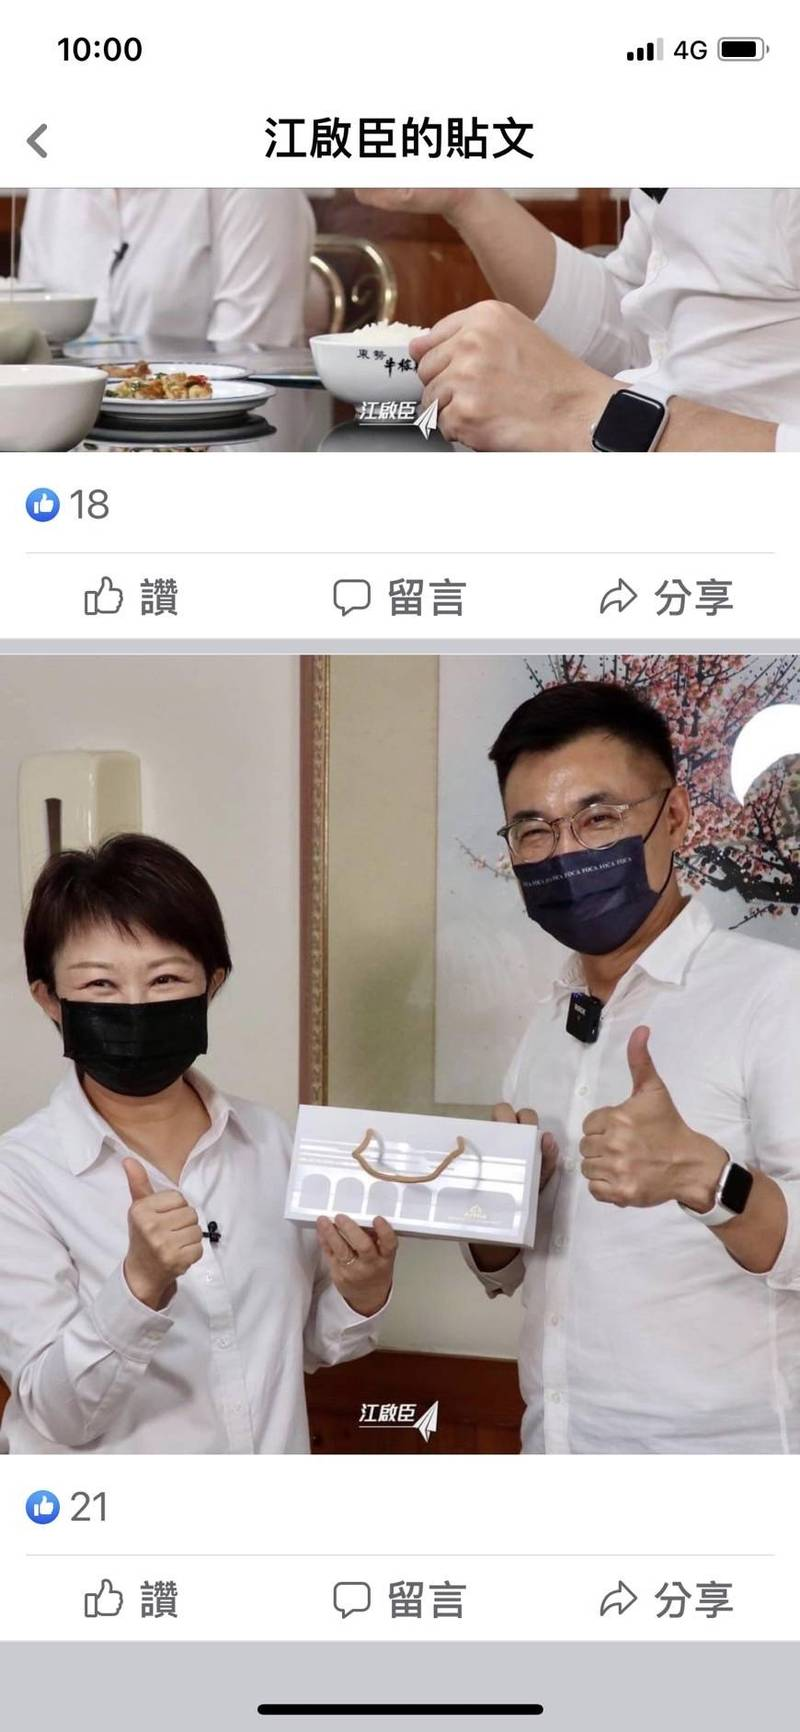 現任國民黨主席江啟臣在臉書貼文表示中市長盧秀燕送捷運票卡是祝福一路暢通,但捷運迷卻驚呼,台中捷運通車可說是波折不斷,很辛苦。(取自江啟臣臉書)